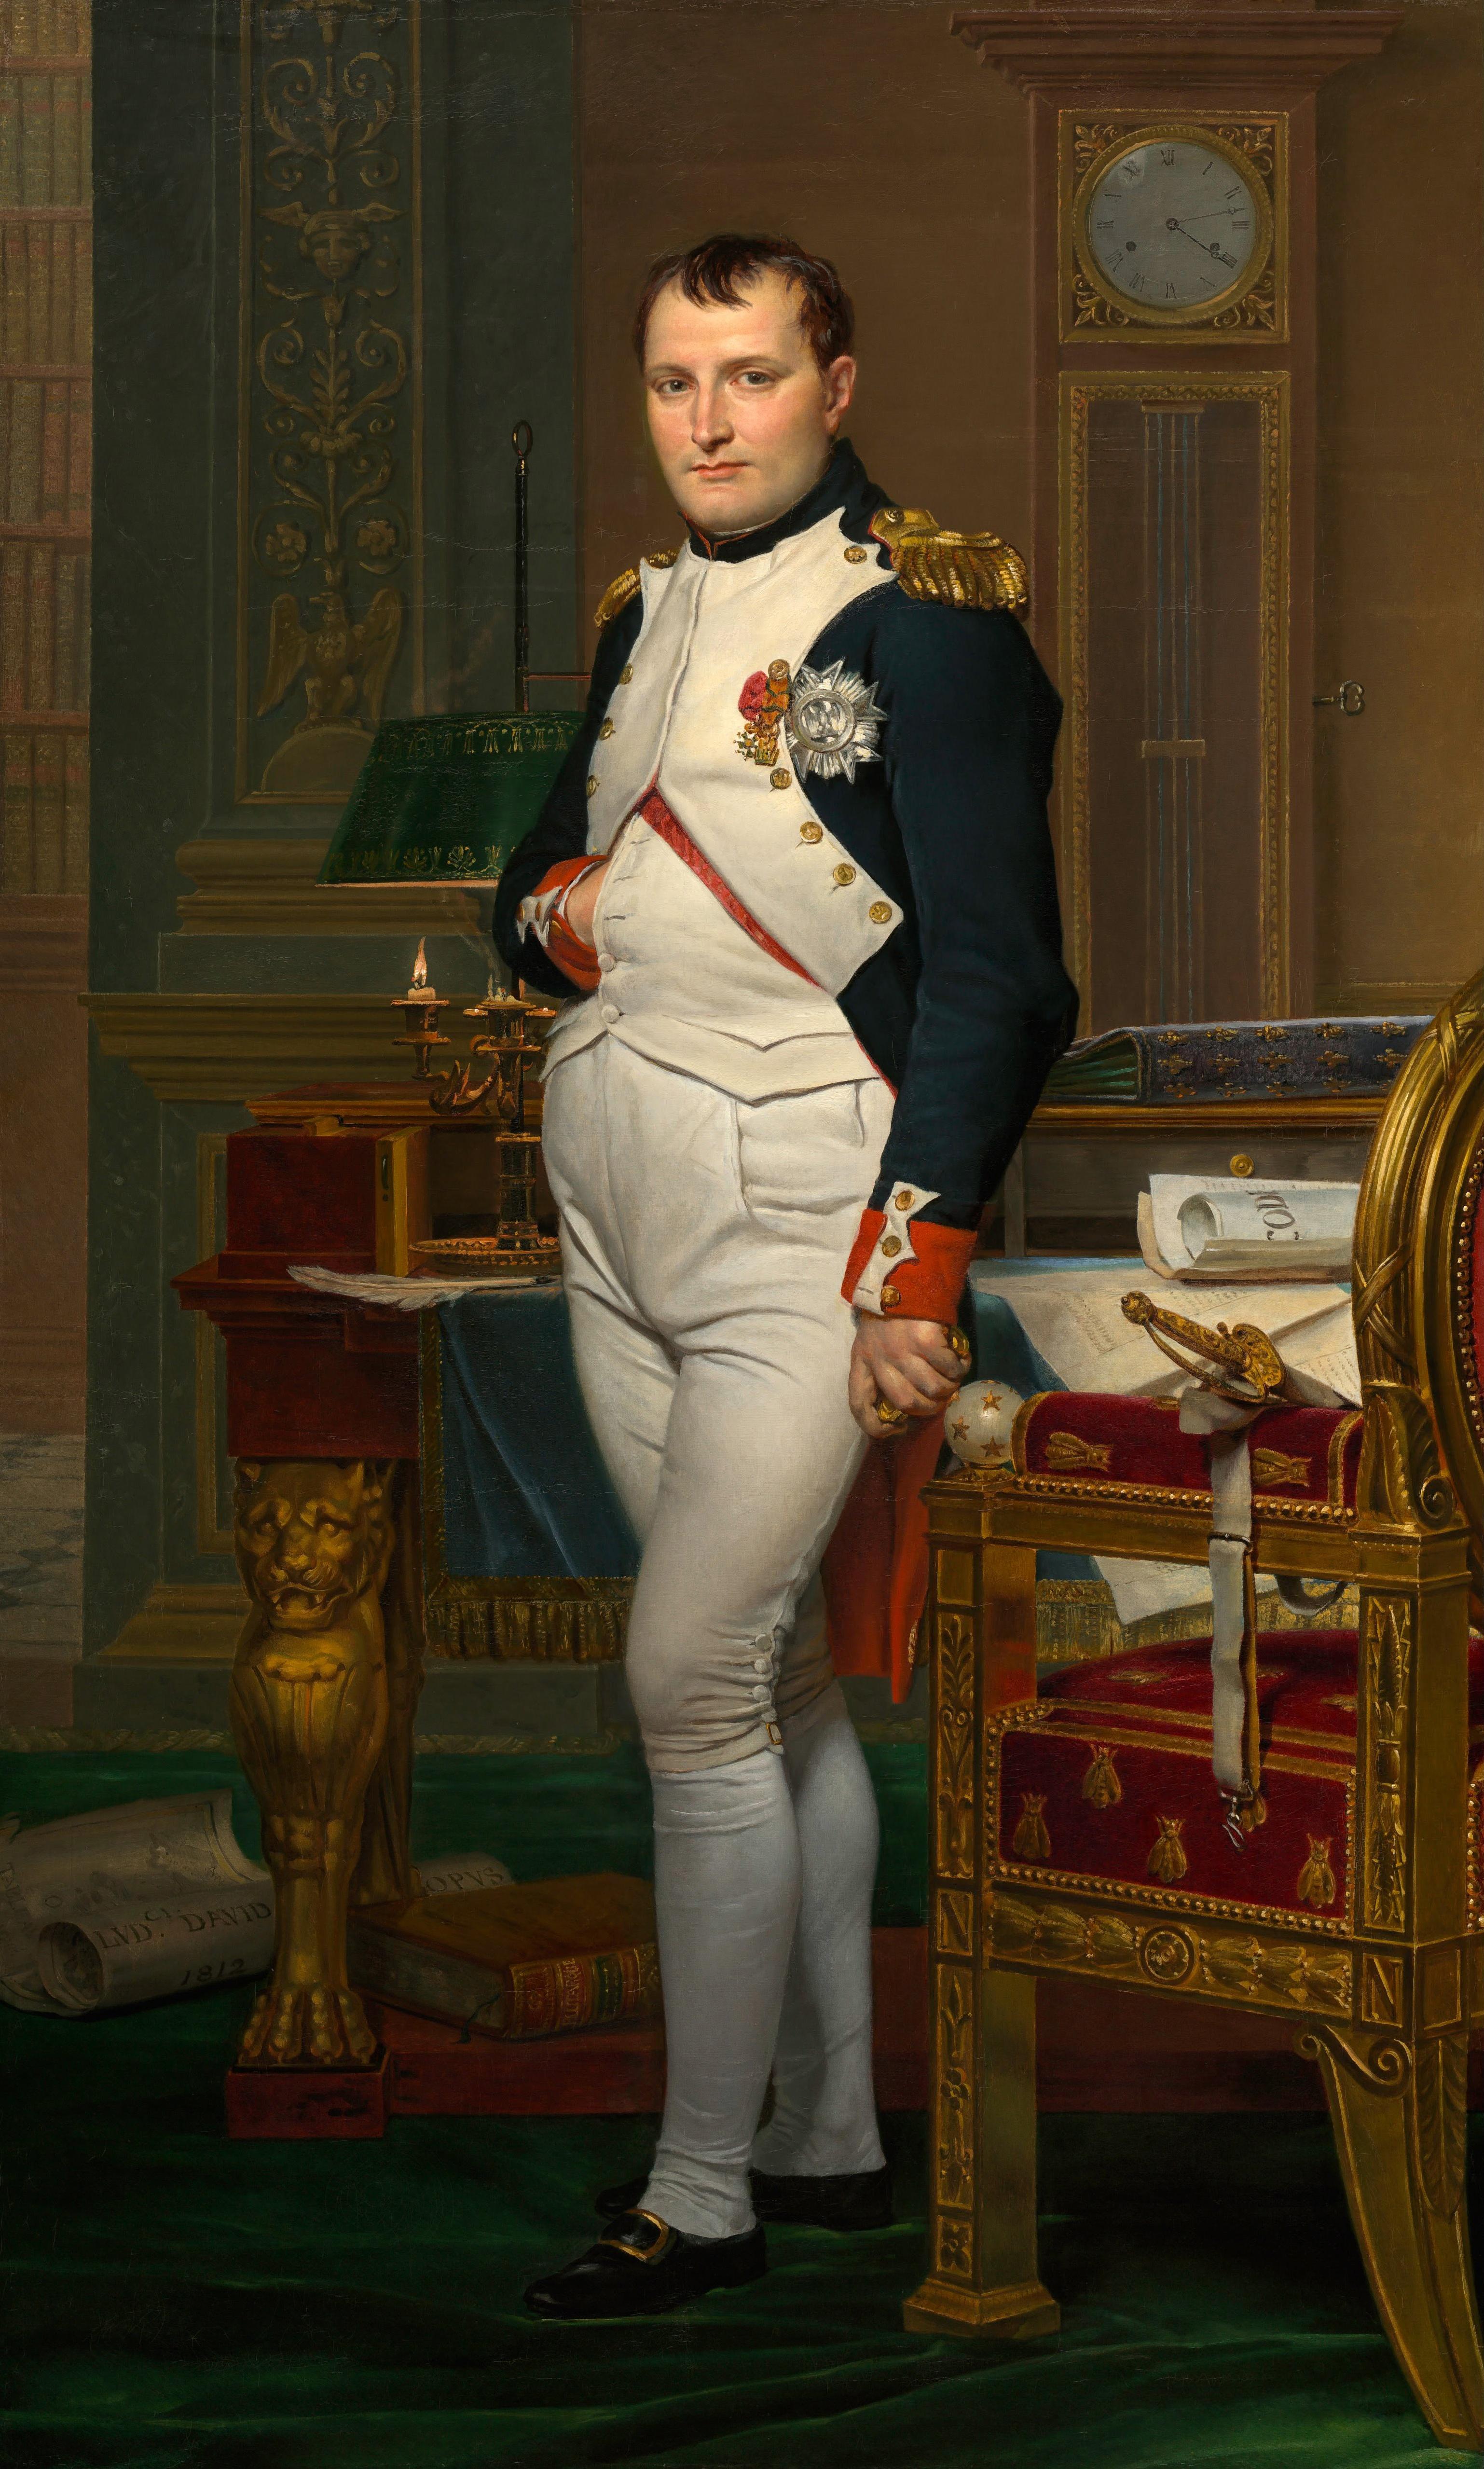 Император Наполеон в своём кабинете в Тюильри, Жак-Луи Давид